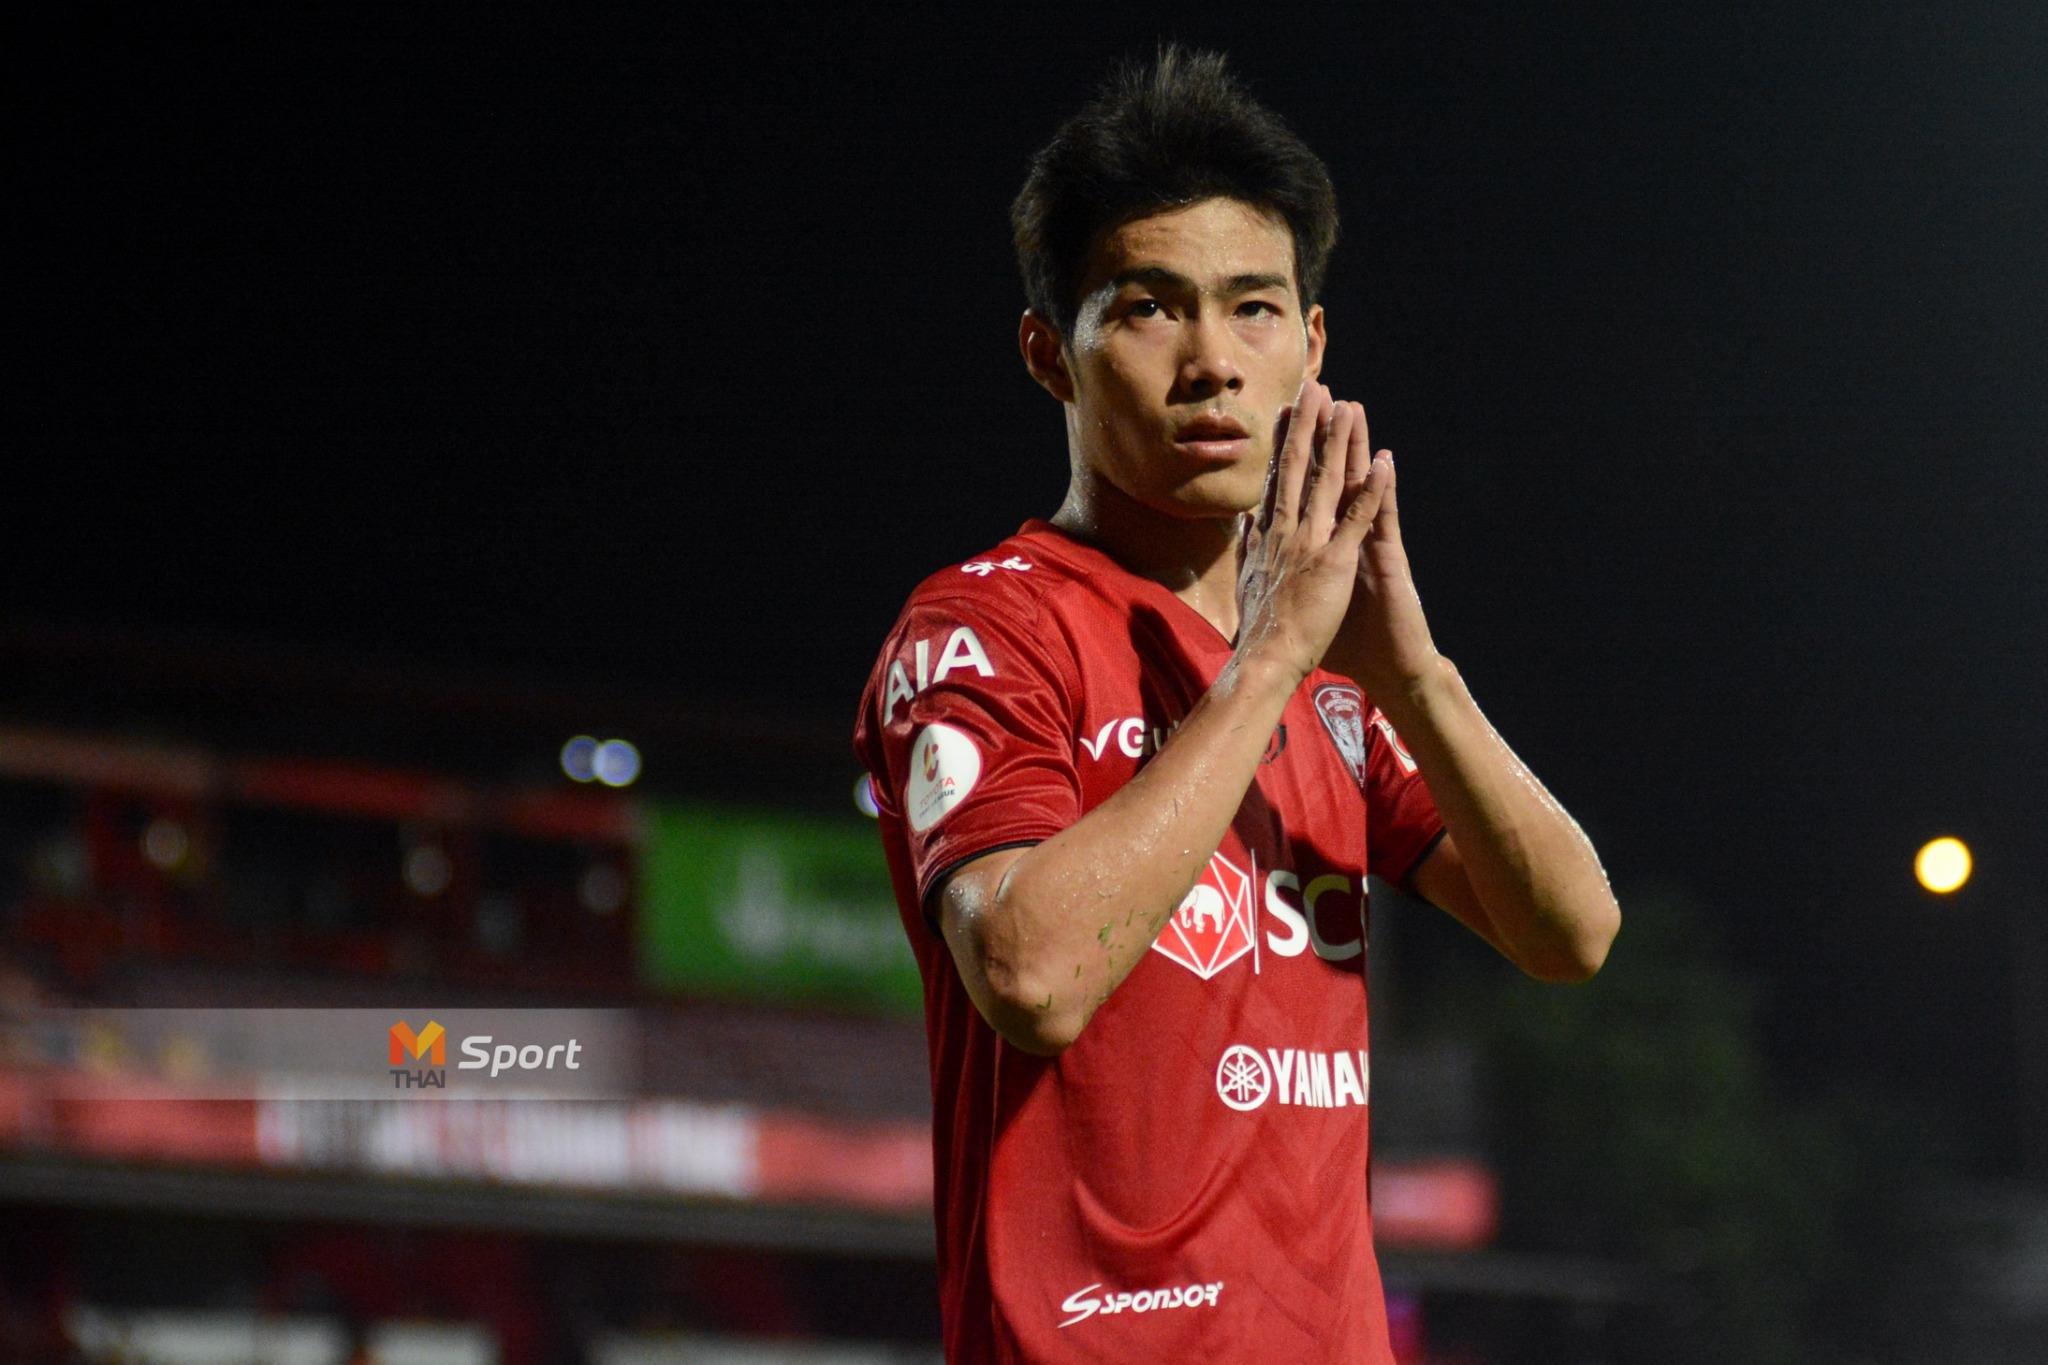 กานต์ จันทรัตน์ คิงส์ คัพ คิงส์คัพ 2019 ทีมชาติไทย เอสซีจี เมืองทอง ยูไนเต็ด